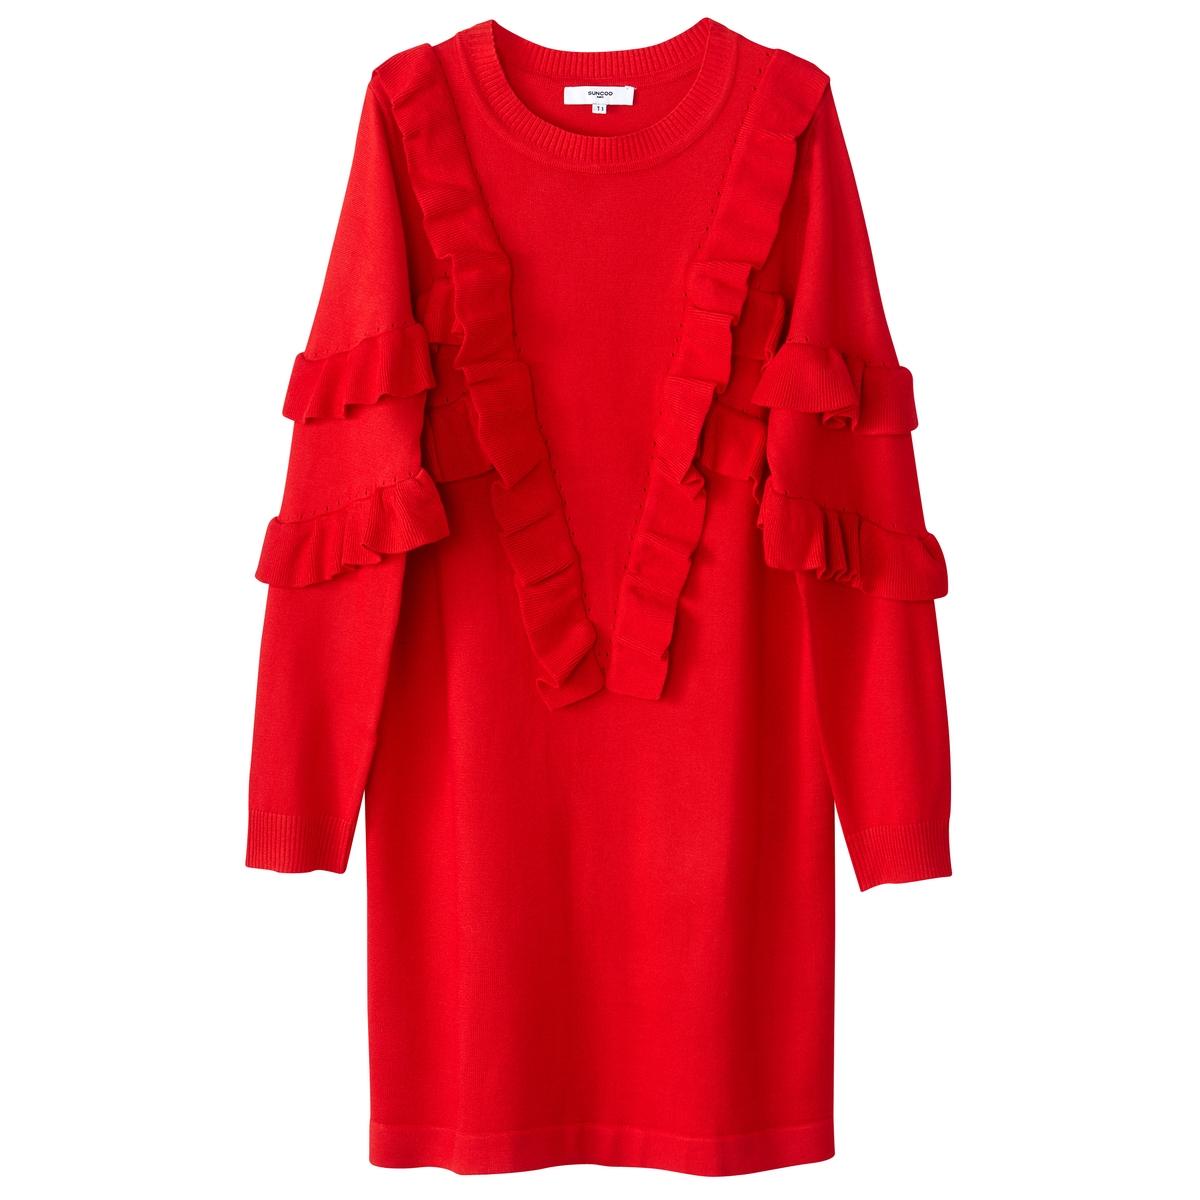 Платье-пуловер короткое с воланами и длинными рукавамиОписание:Детали  •  Форма : платье-пуловер •  Укороченная модель •  Длинные рукава    •  Круглый вырезСостав и уход  •  100% вискоза •  Следуйте советам по уходу, указанным на этикетке<br><br>Цвет: красный<br>Размер: M.S